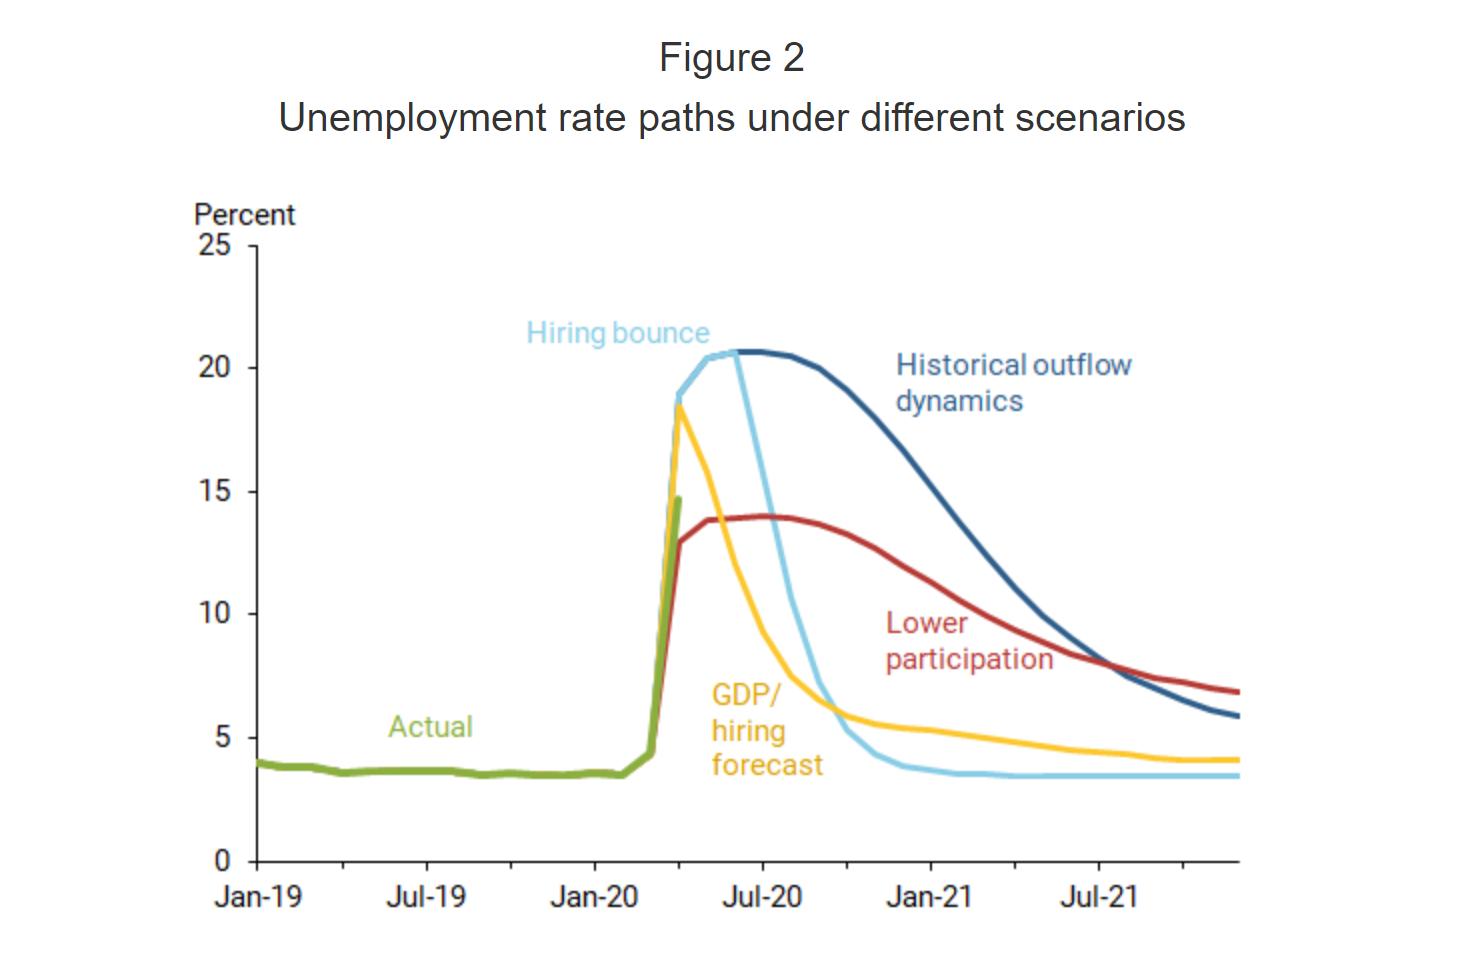 旧金山联储:美国失业率到2021年都可能固守高位